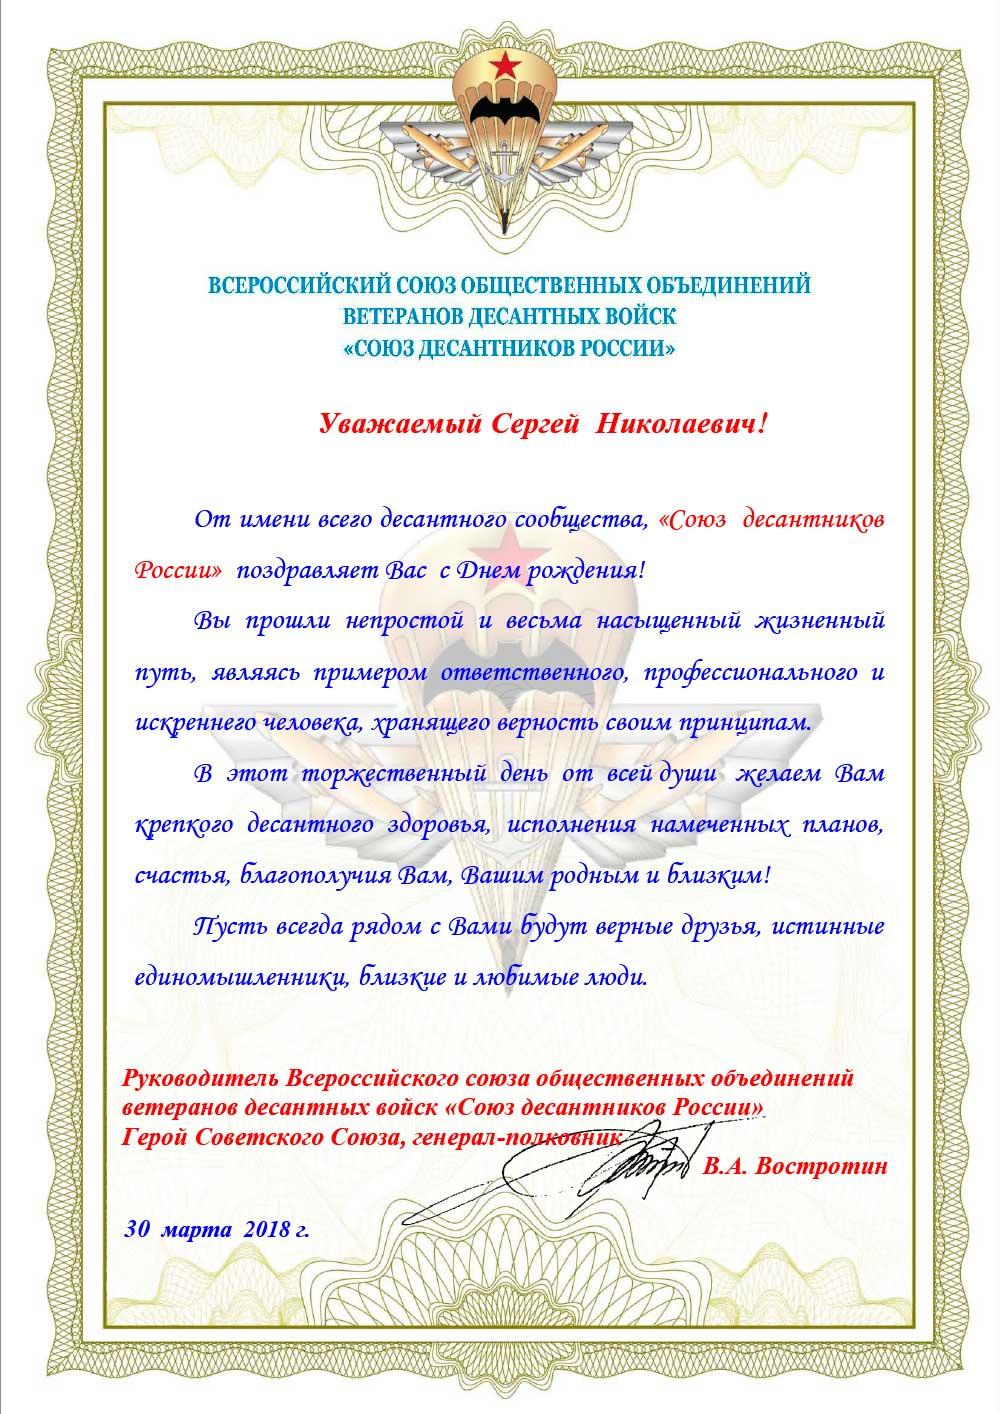 ПОЗДРАВЛЯЕМ С ДНЕМ РОЖДЕНИЯ ЧЛЕНА ЦЕНТРАЛЬНОГО СОВЕТА «СОЮЗА ДЕСАНТНИКОВ РОССИИ» ГЛАЗЫРИНА СЕРГЕЯ НИКОЛАЕВИЧА!